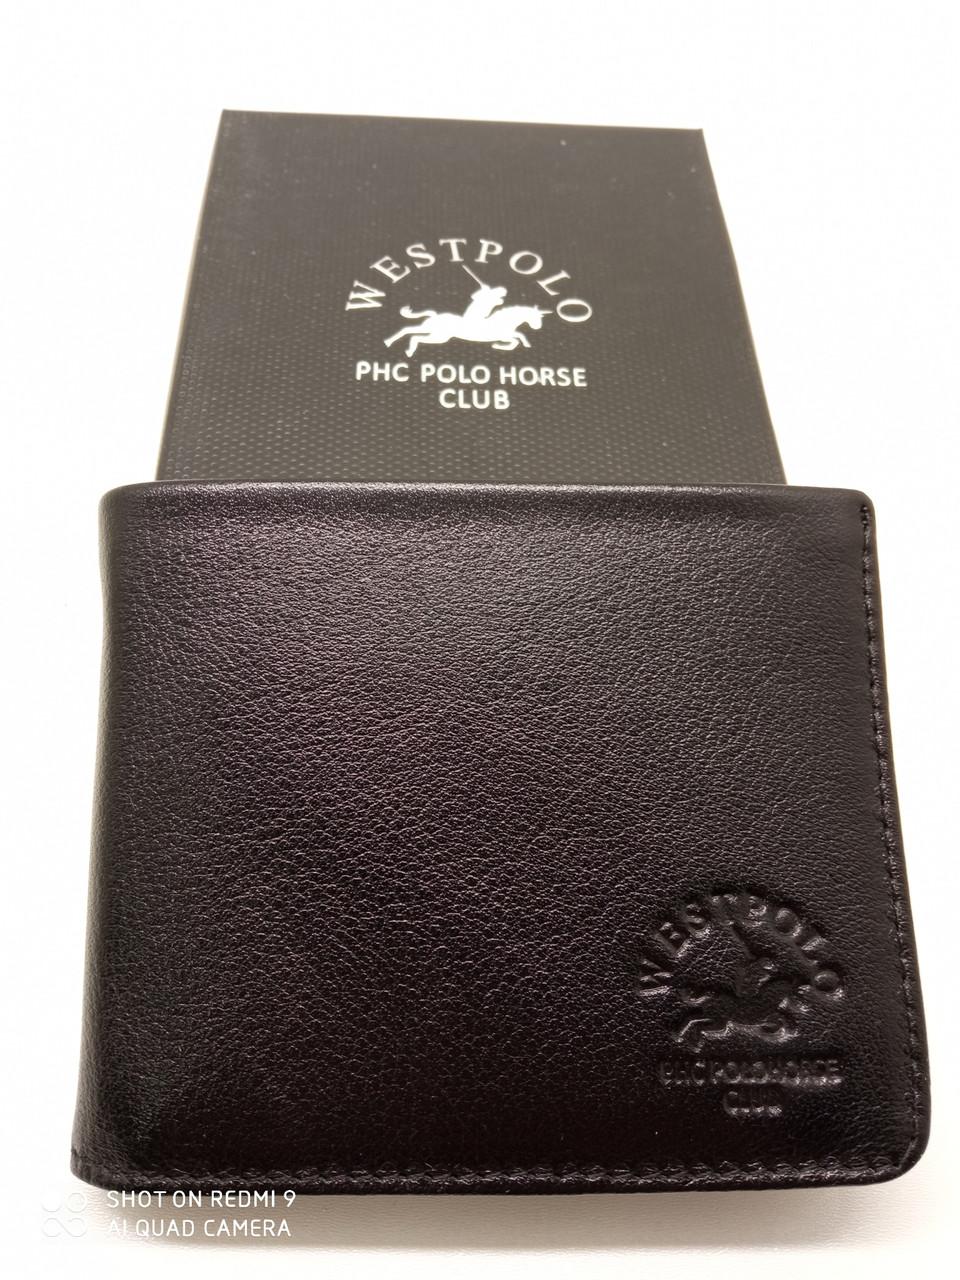 Тонкое кожаное портмоне кошелек West Polo